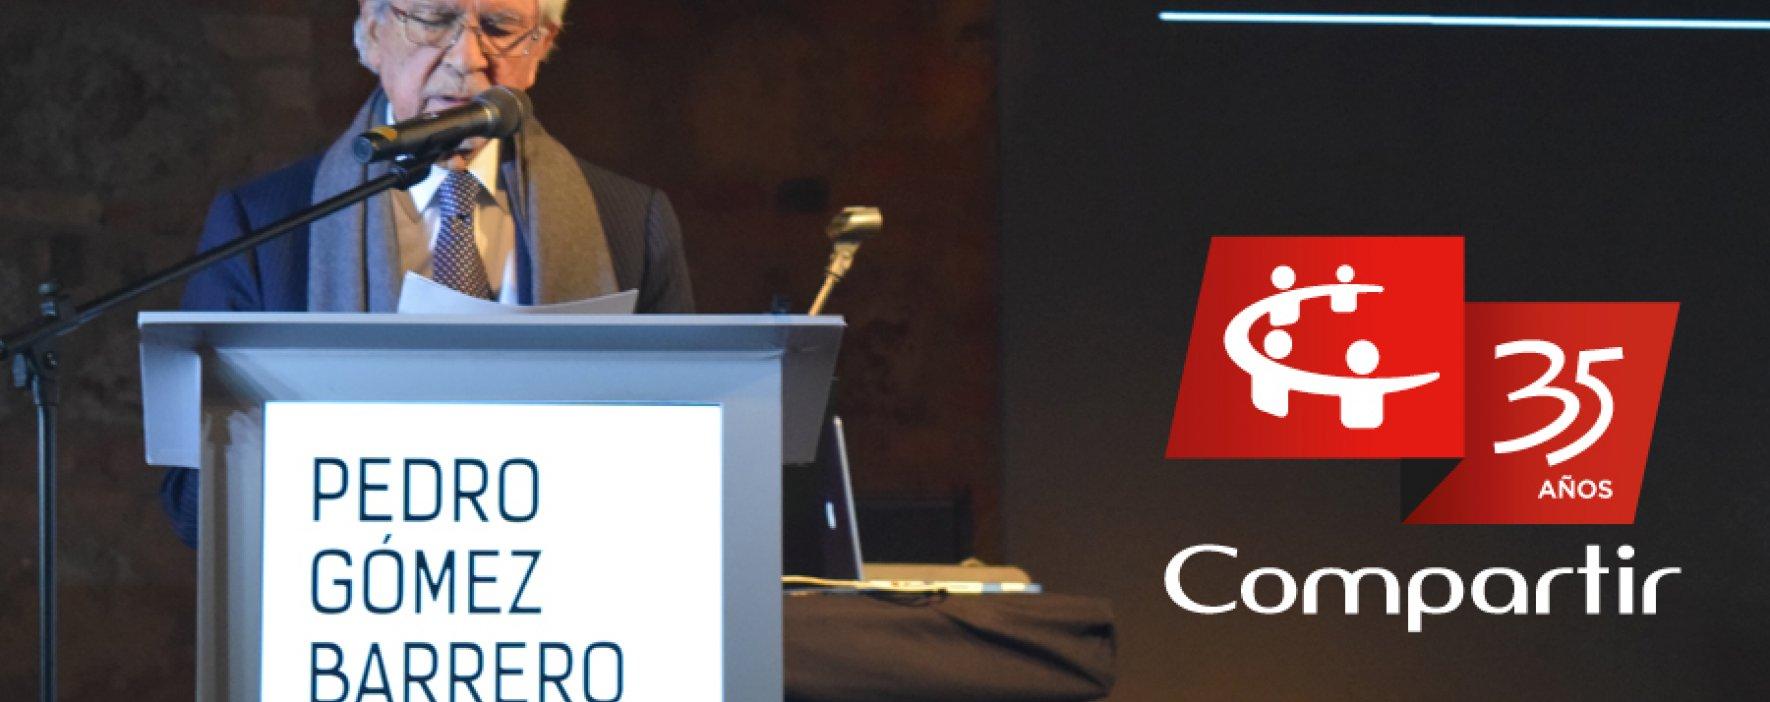 Pedro Gómez en celebración 35 años Fundación Compartir